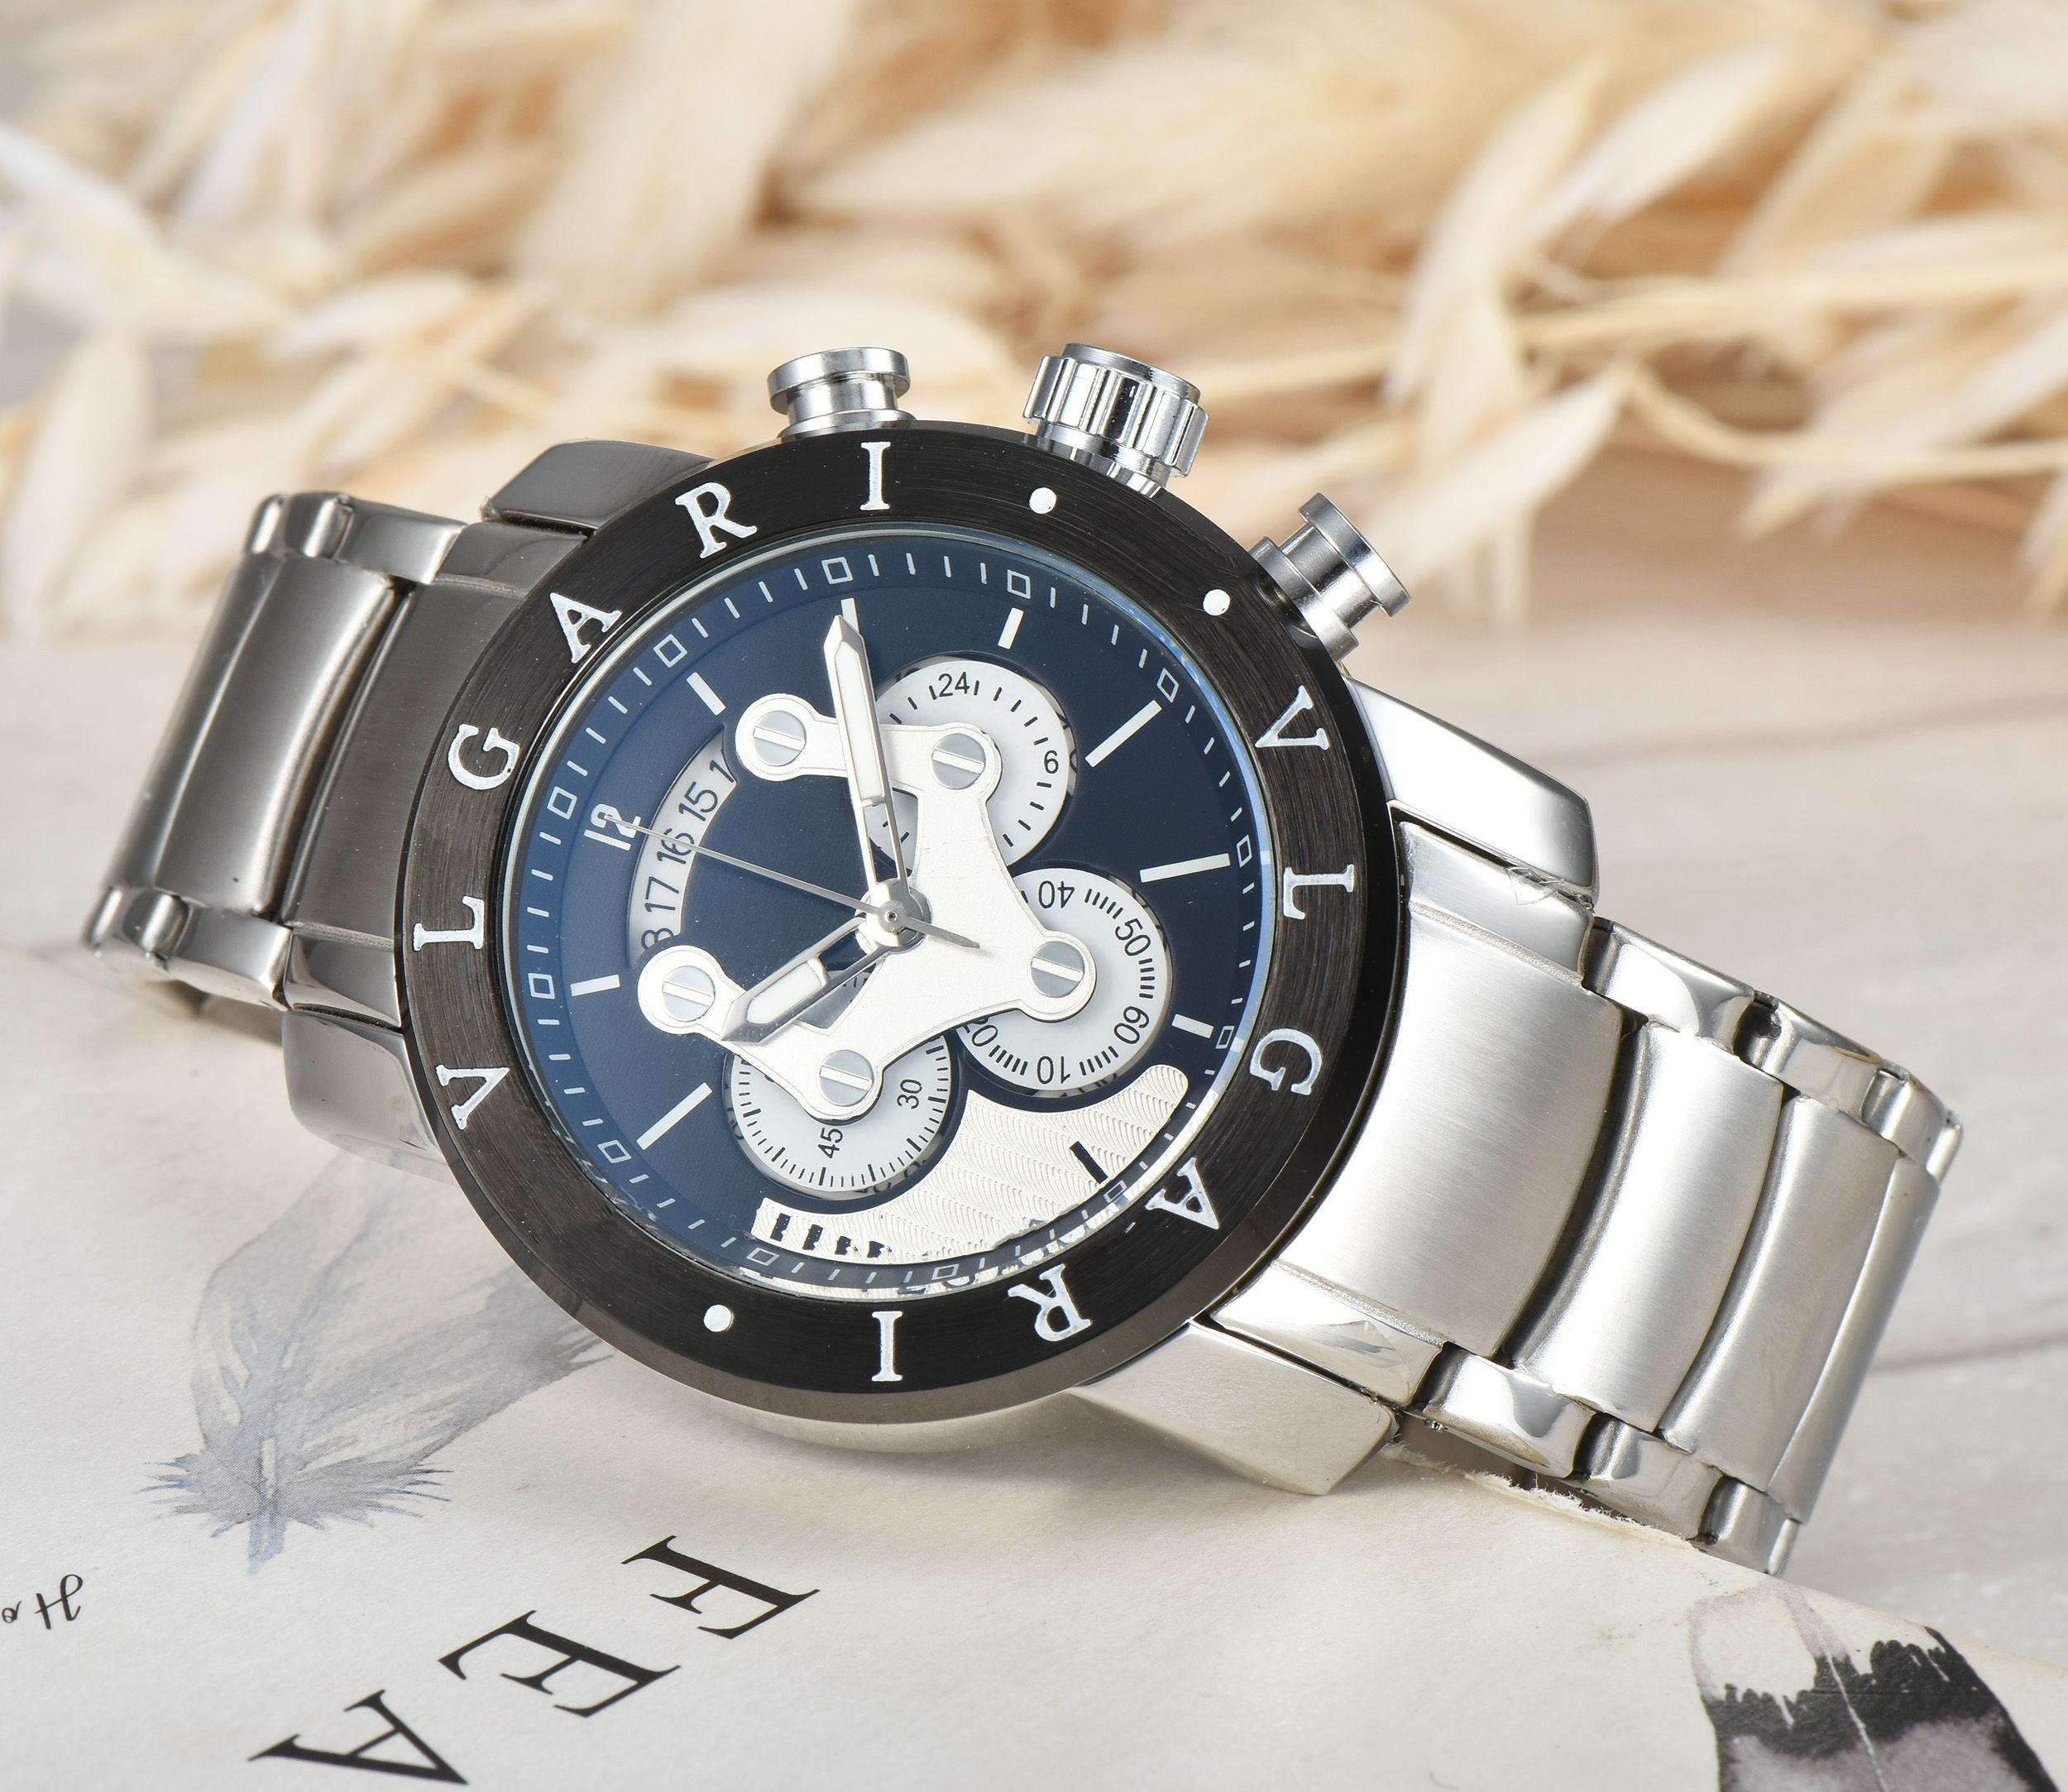 Élégant Casual Montre Homme de haute qualité Bracelet en acier inoxydable Calendrier Sport Business Style Quartz Relojes Hombre hommes